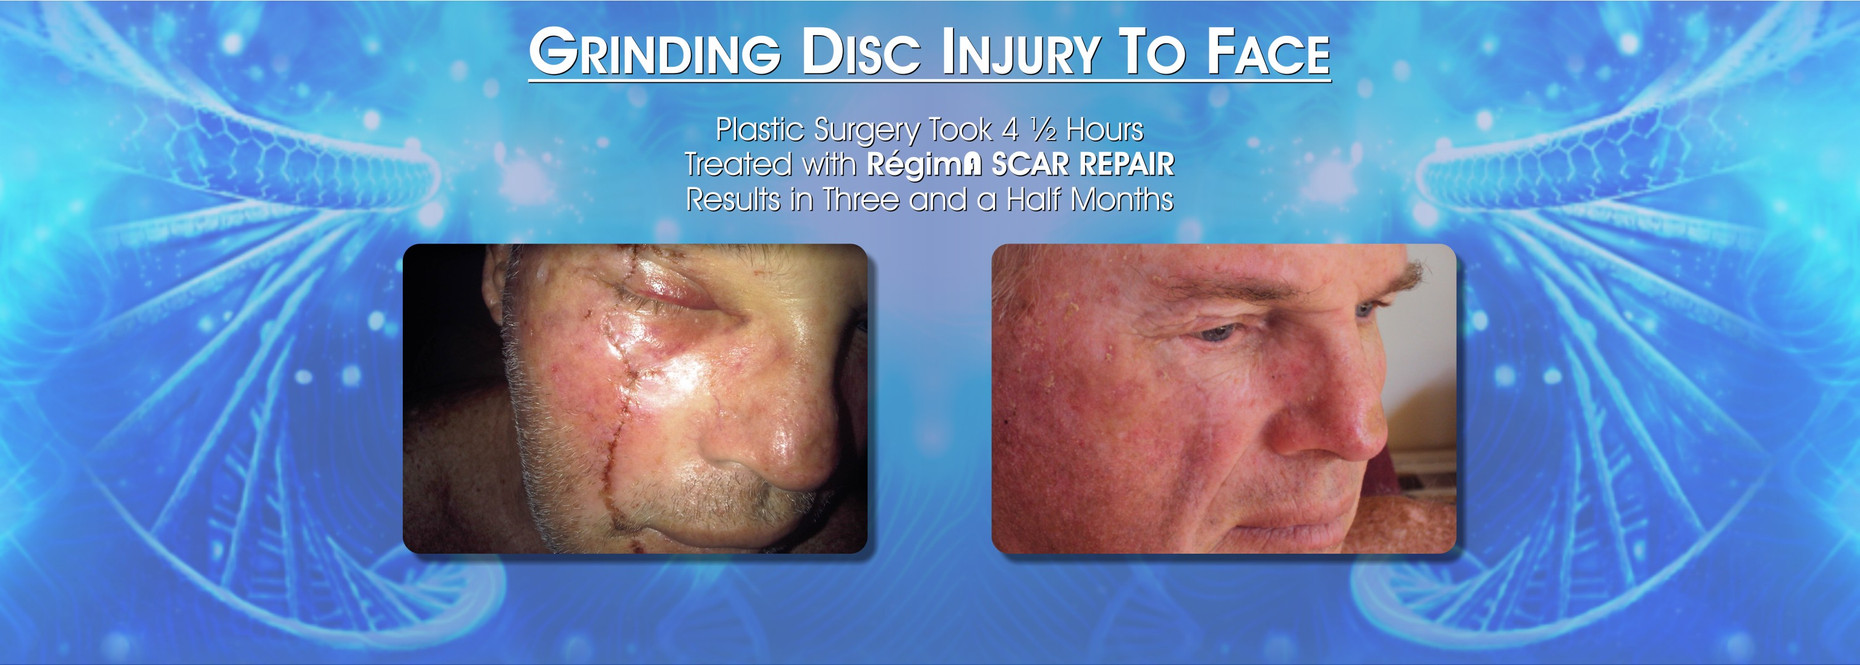 Grinding Disc Injury